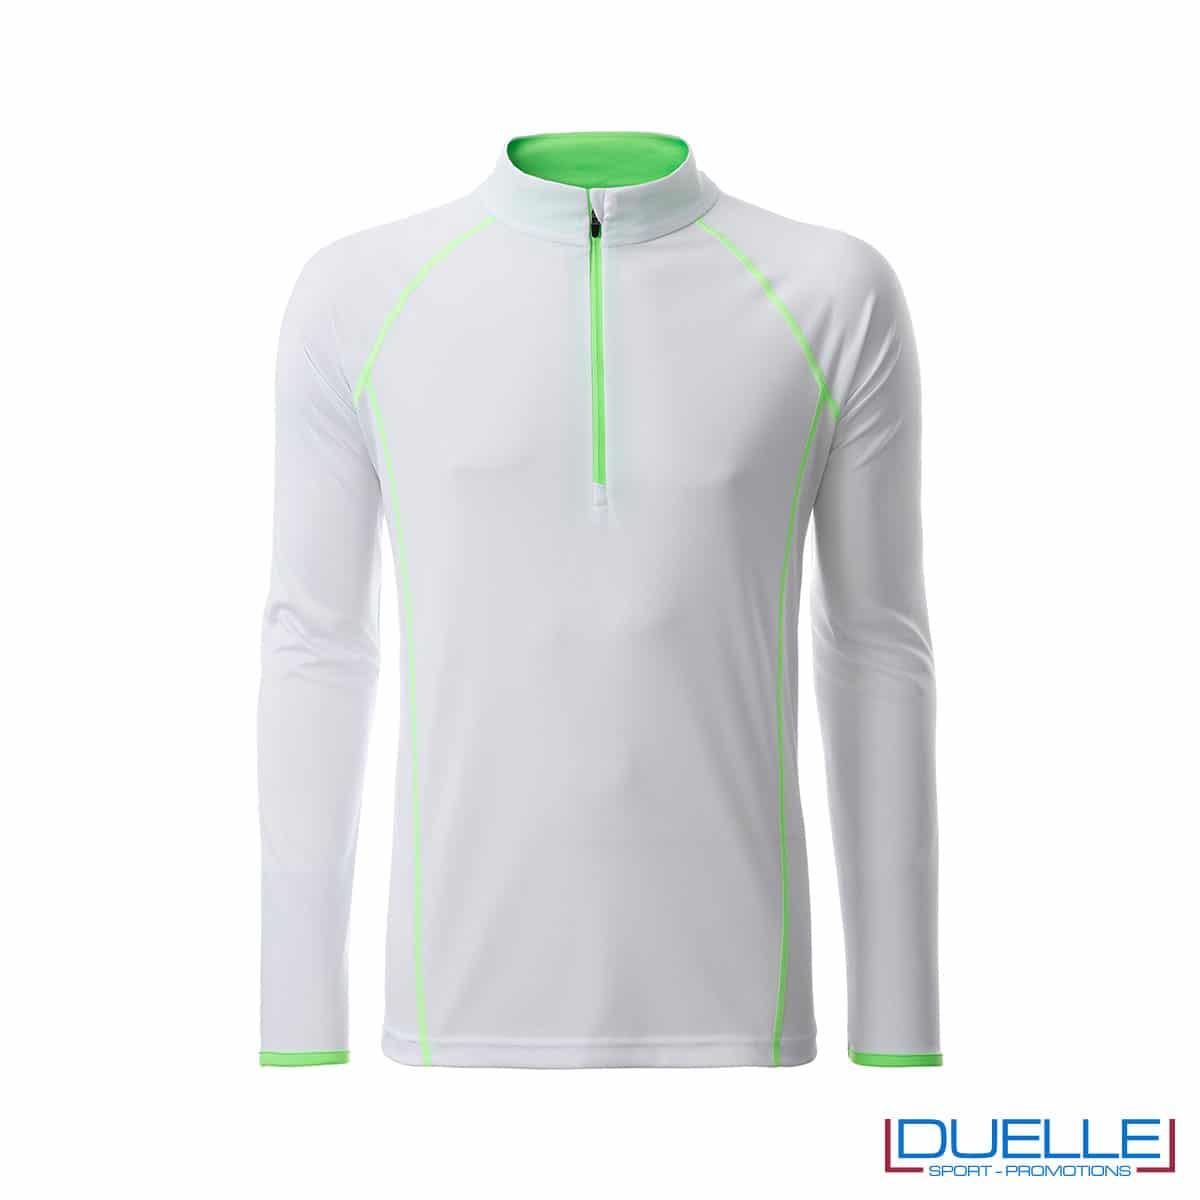 T-shirt manica lunga con zip colore bianco/verde lime personalizzata